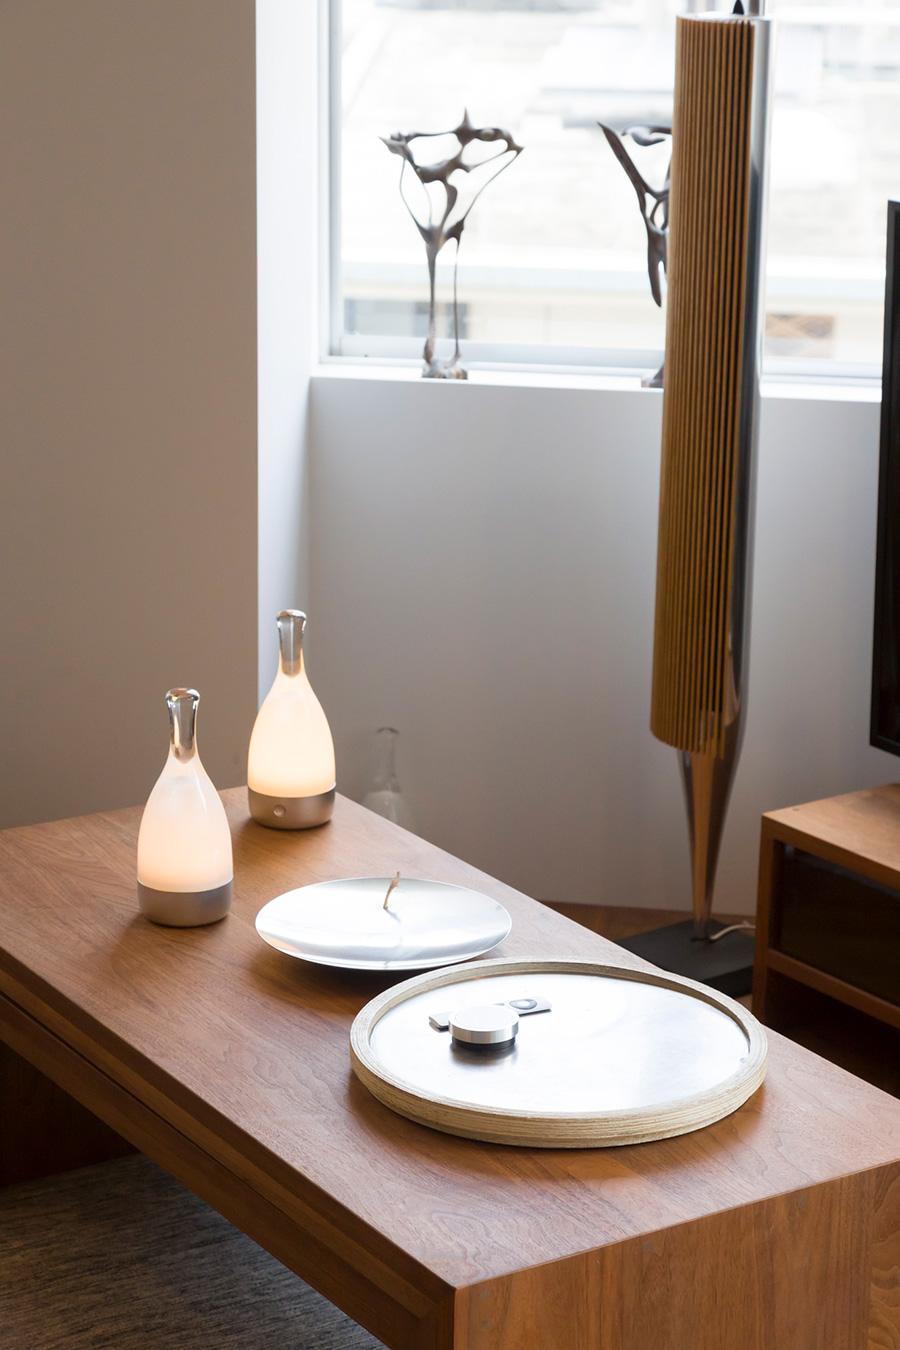 しずく型の卓上の間接照明は〈アンビエンテック〉のもの。「充電式で持ち歩いて好きな場所に置けます。オススメです」。スピーカーは〈Bang & Olufsen〉。